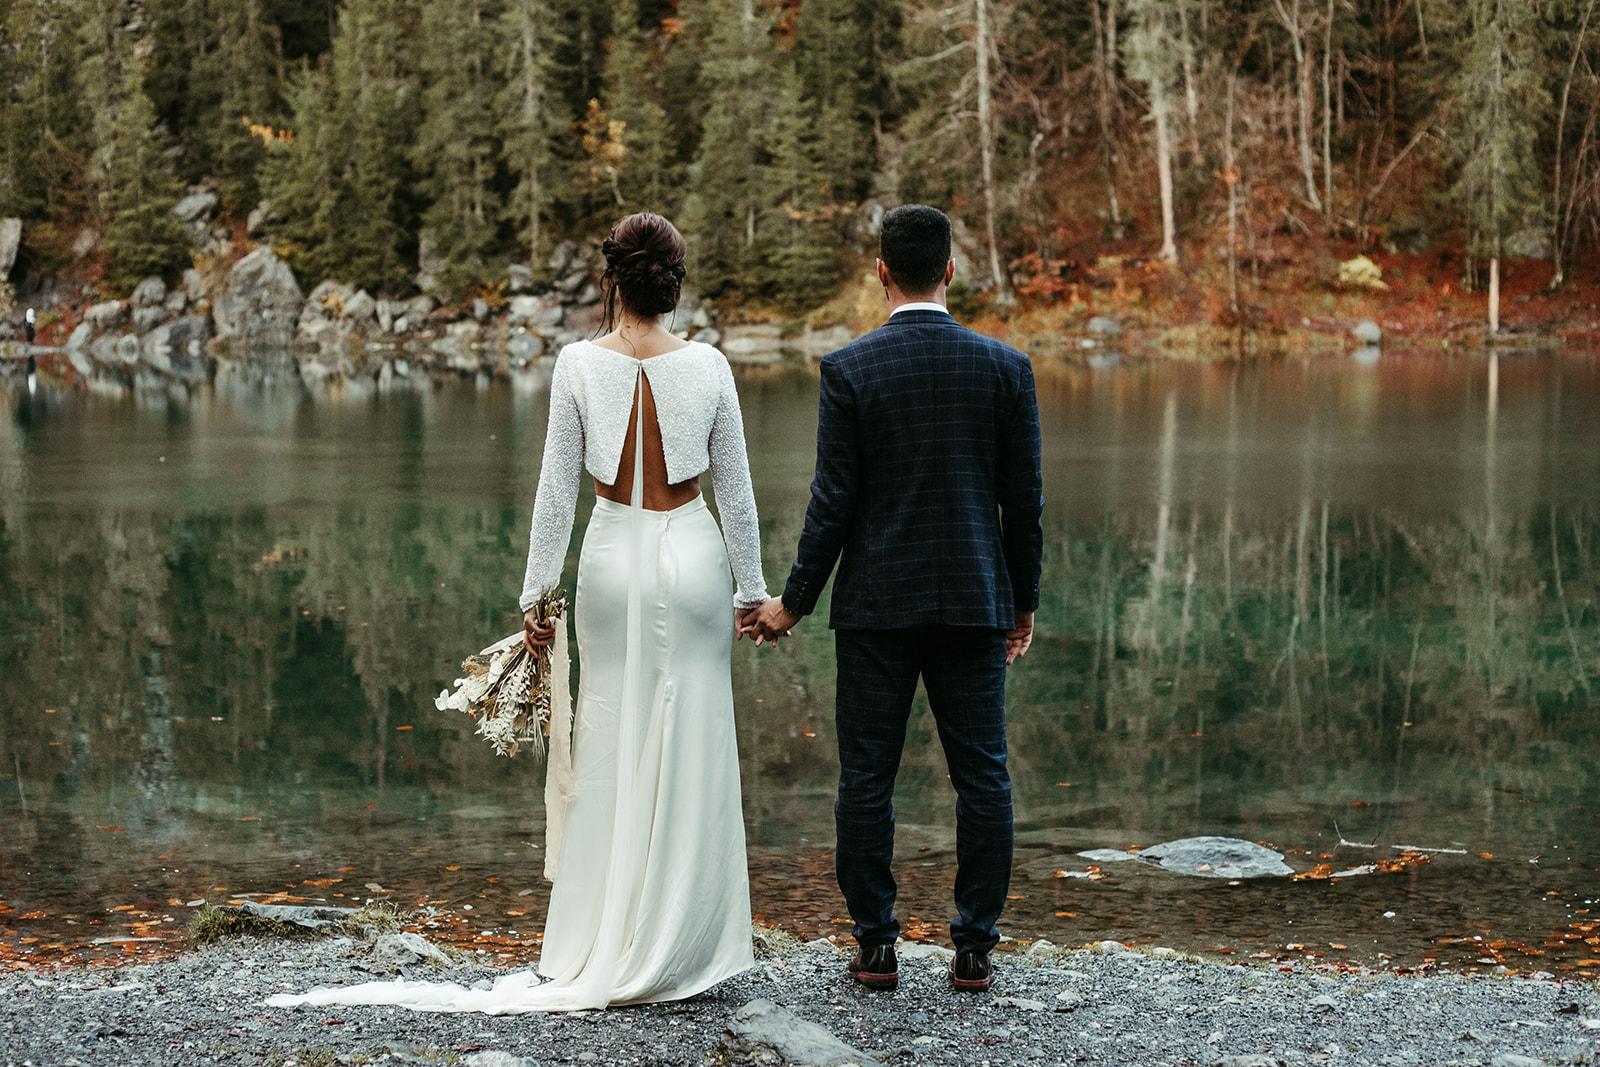 UtopicLovers film photo Mariage Elopement 2019 160 1 - Un elopement entre lac émeraude et forêt de sapins à Chamonix.